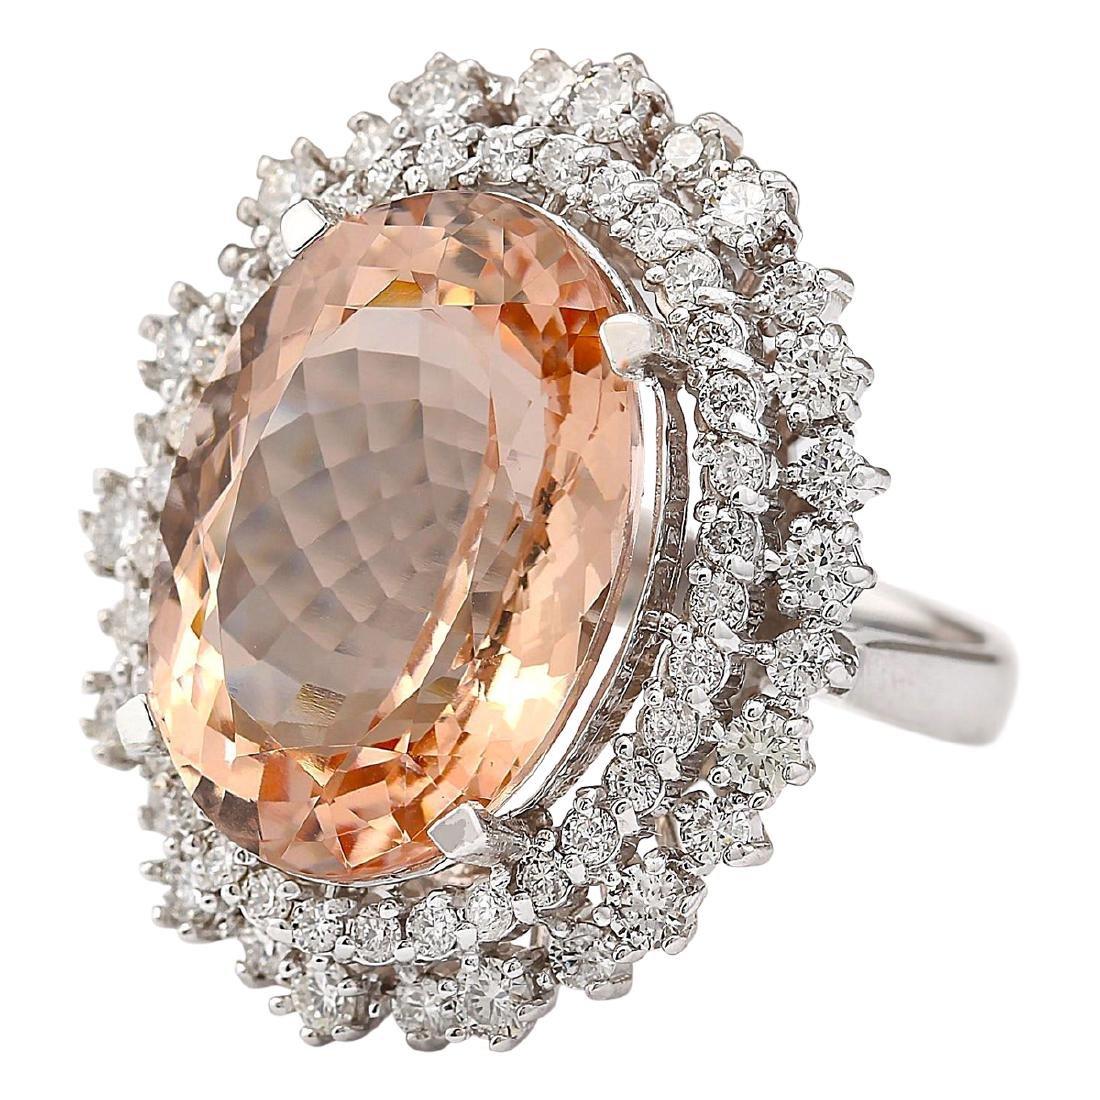 16.60 CTW Natural Morganite And Diamond Ring In 18K - 2